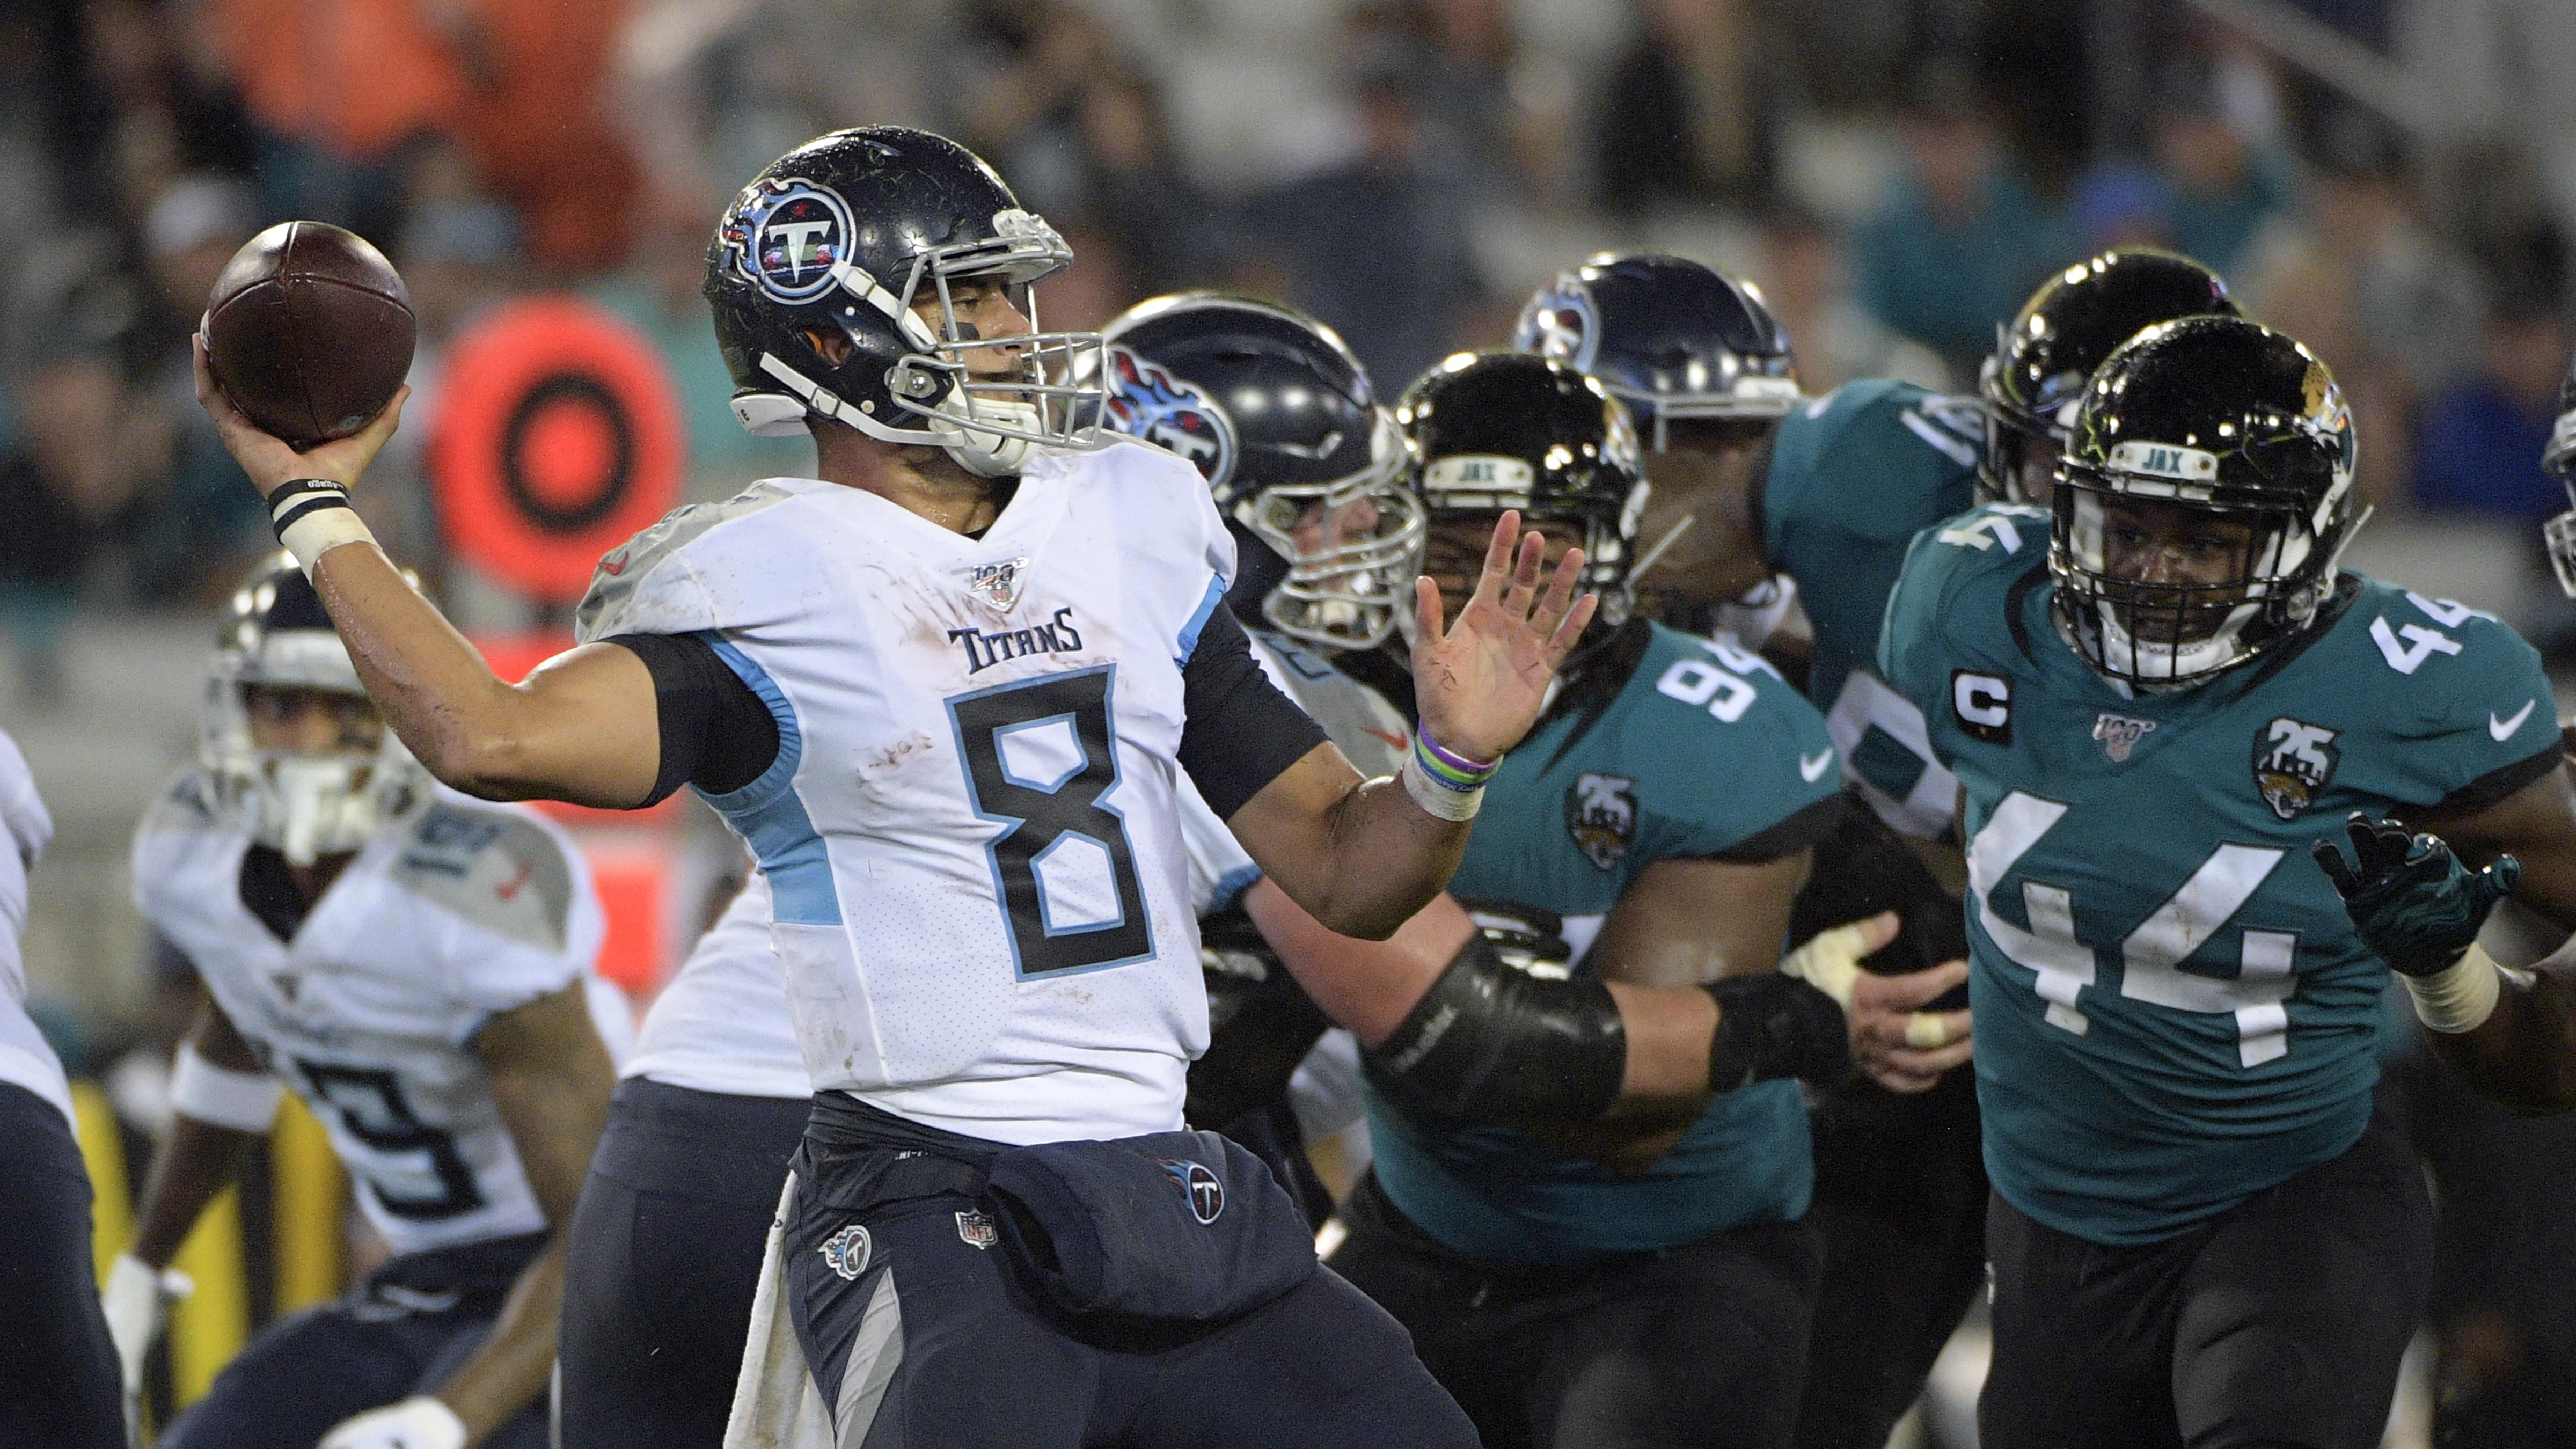 Pressure building for Titans quarterback Mariota to perform